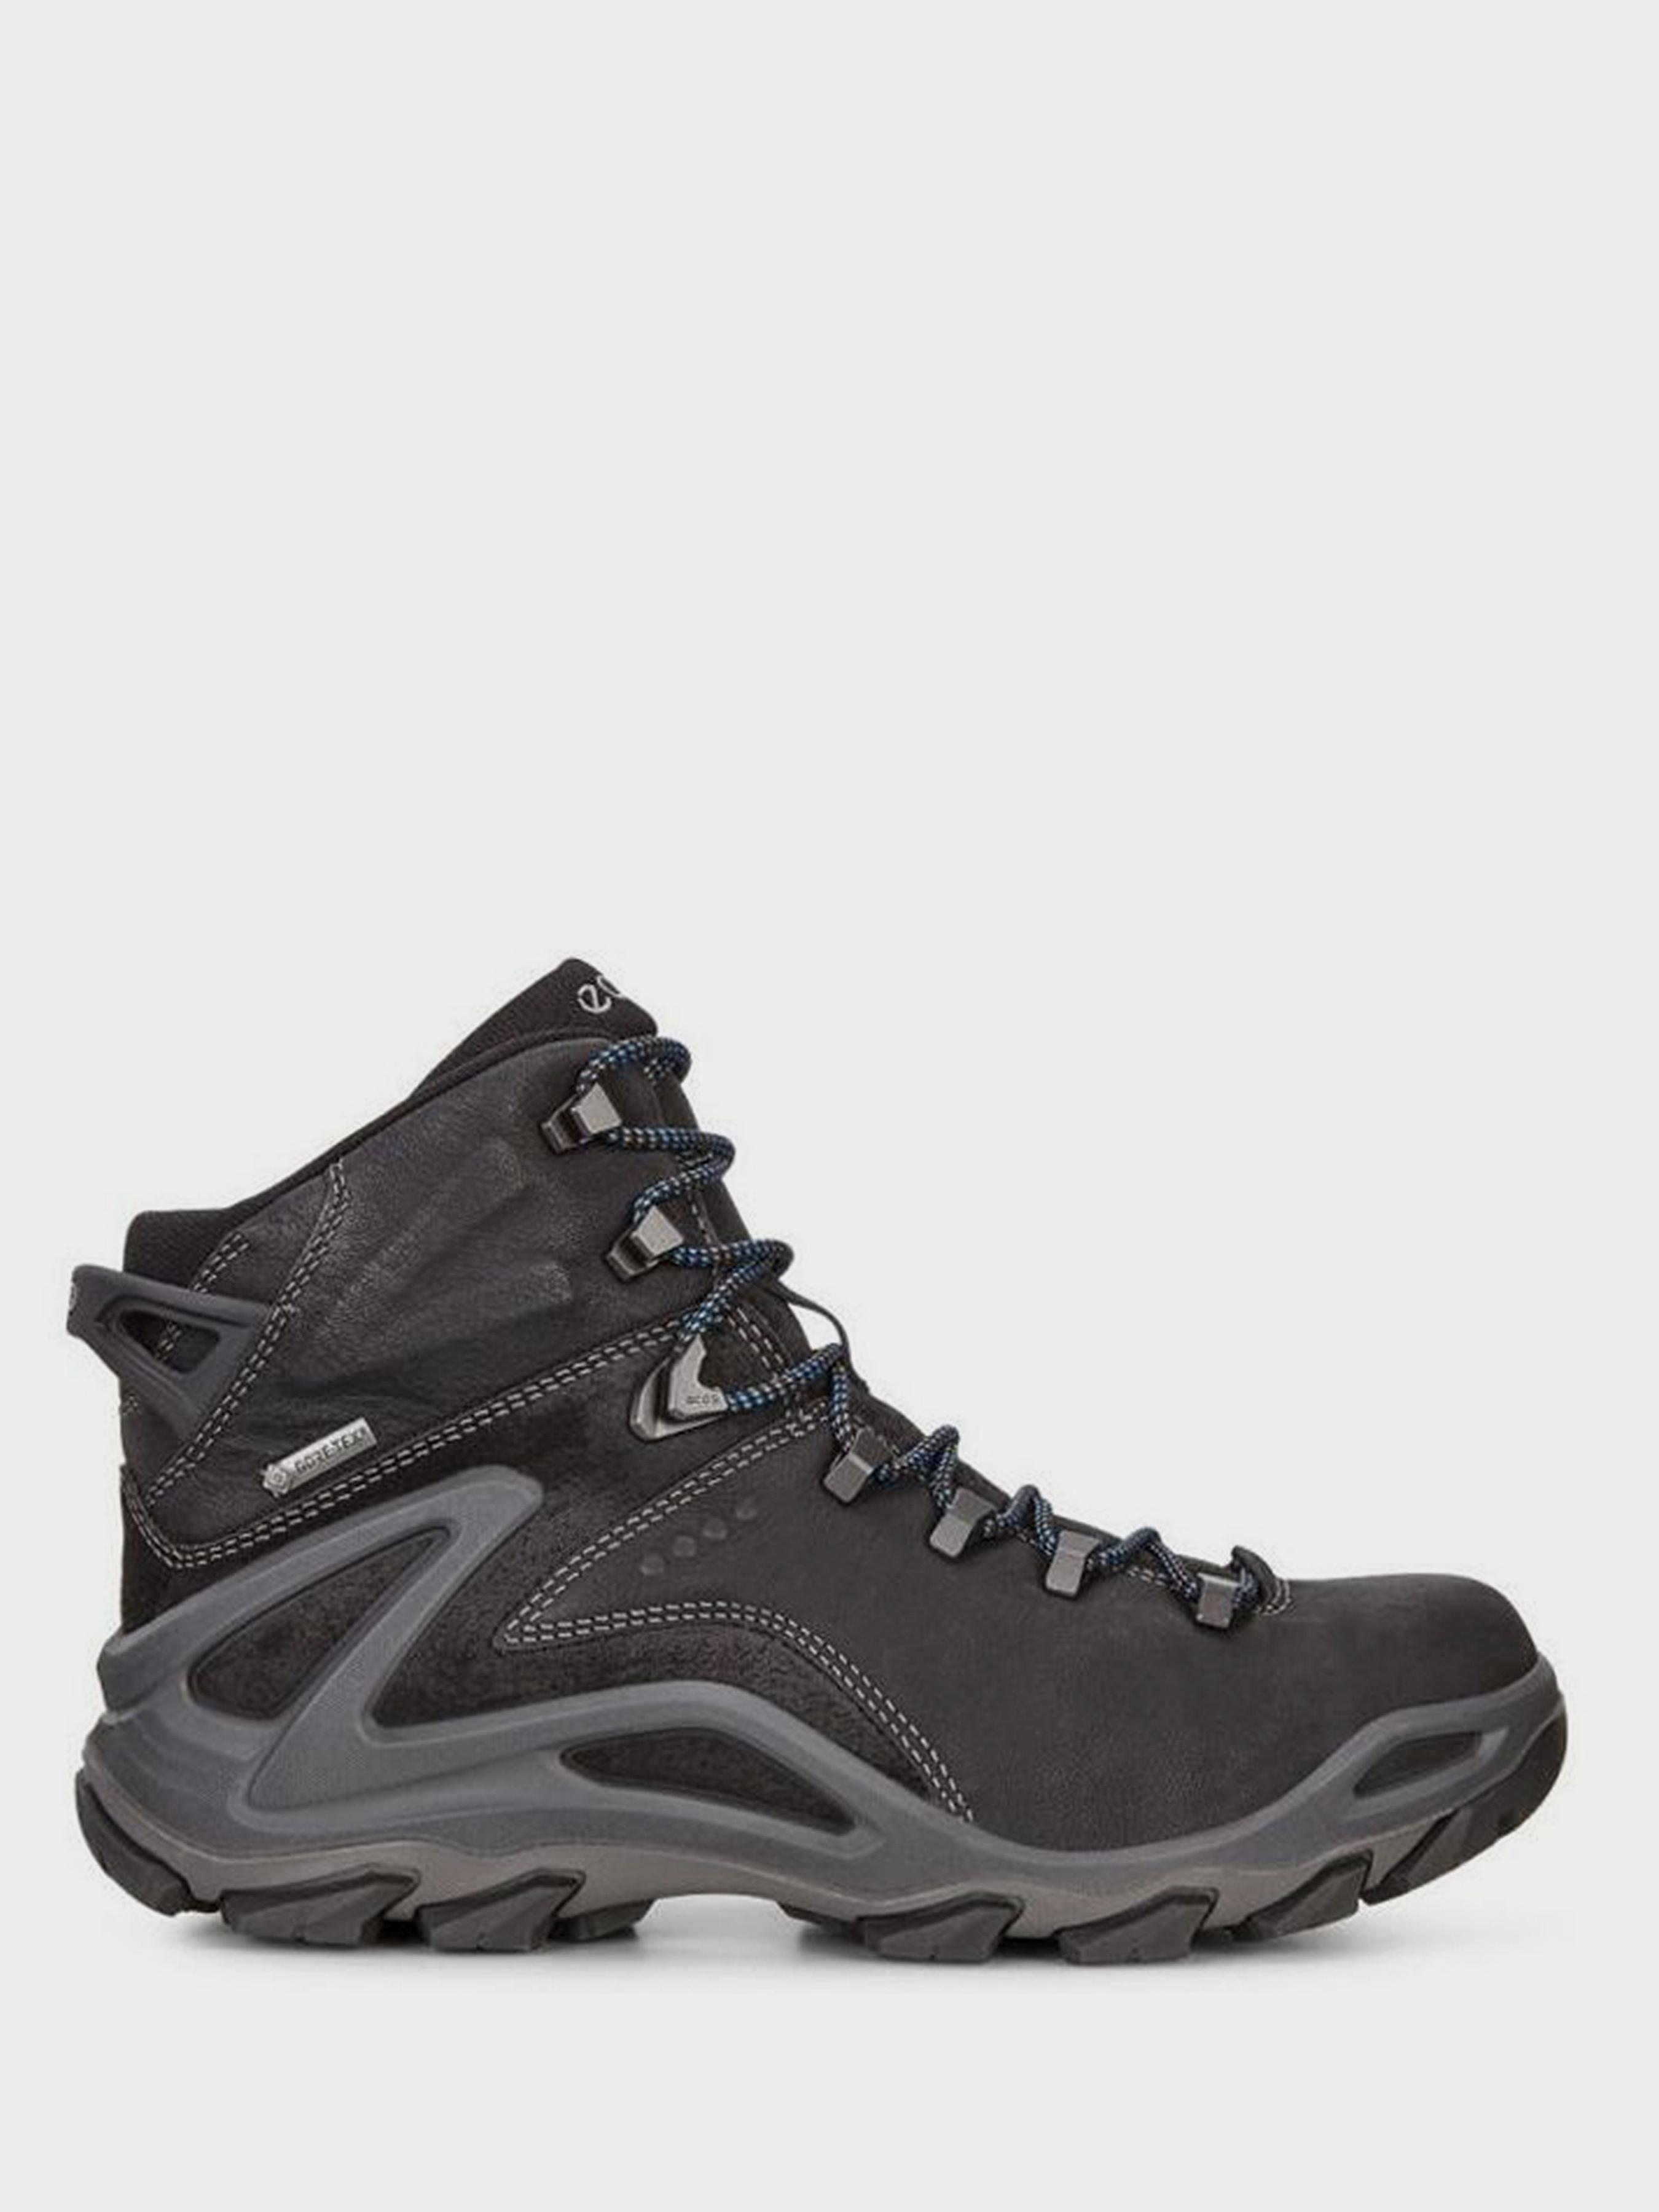 Купить Ботинки мужские ECCO TERRA EVO ZM3790, Черный